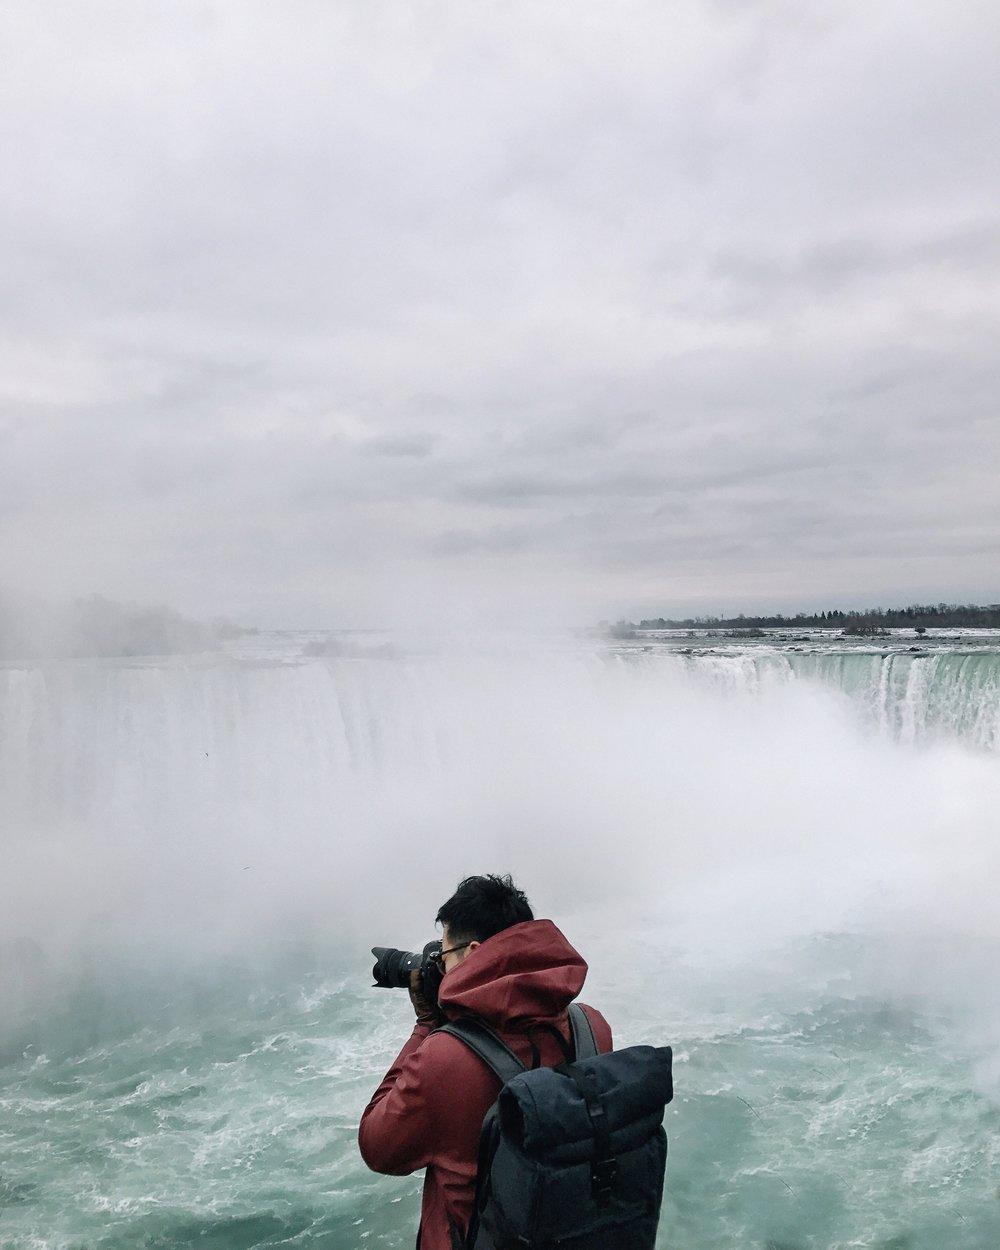 Niagara falls by a social media photographer